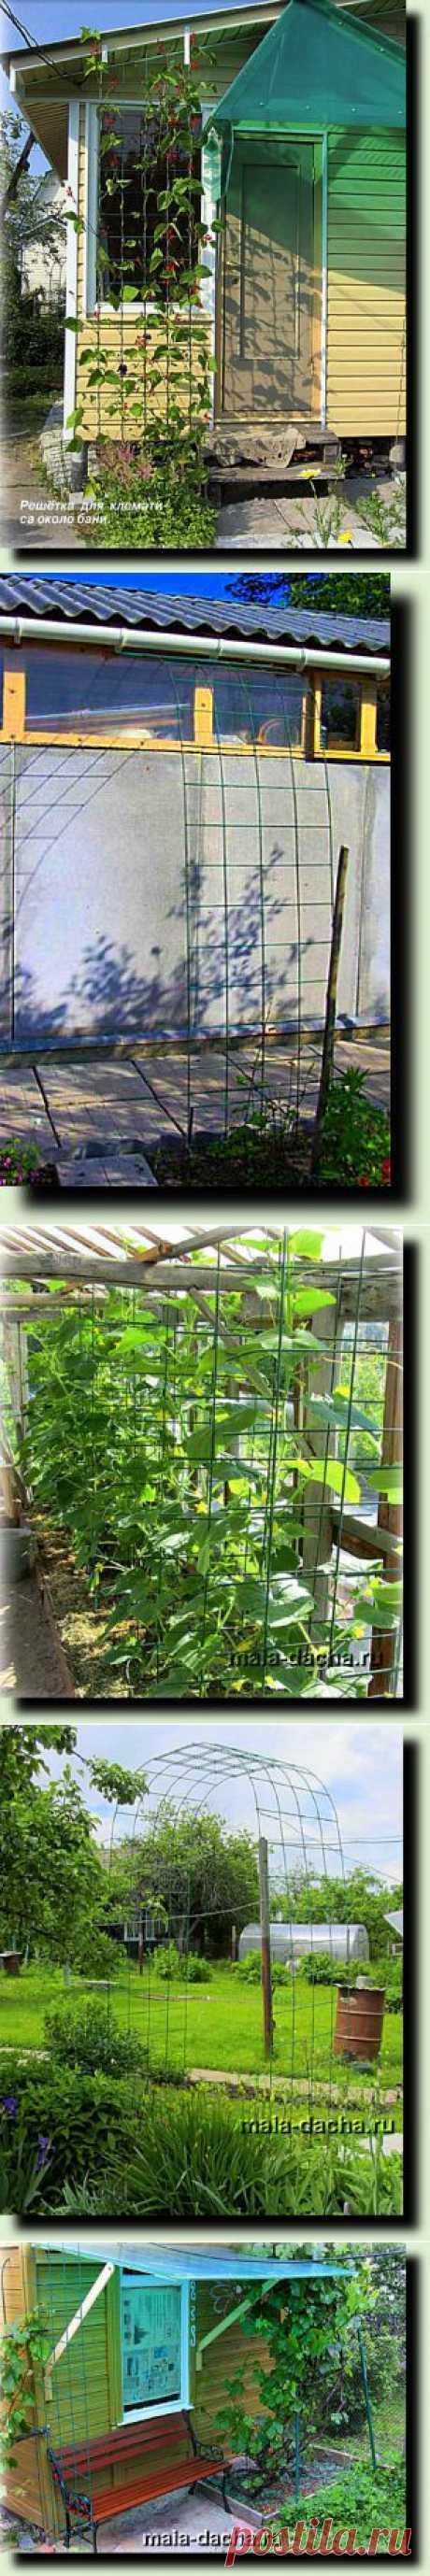 Строительная сетка в саду-идеи для дачника   Дача своими руками   Дача своими руками